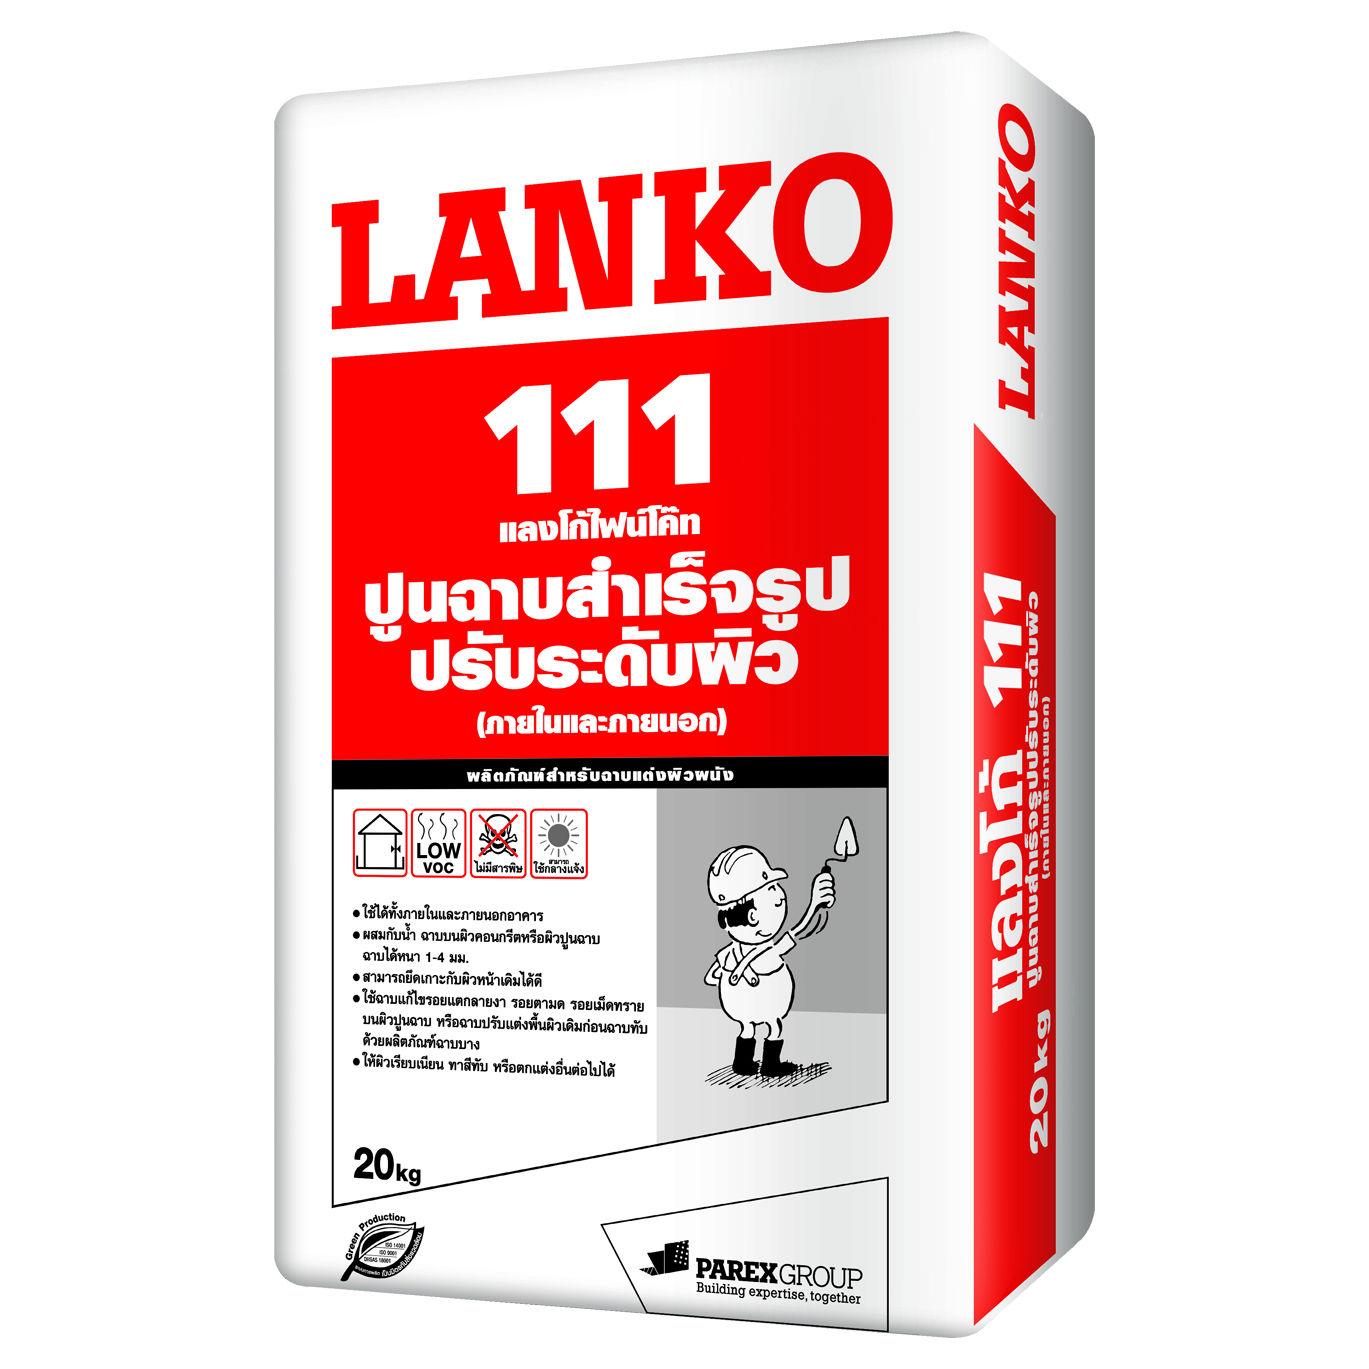 LANKO 111